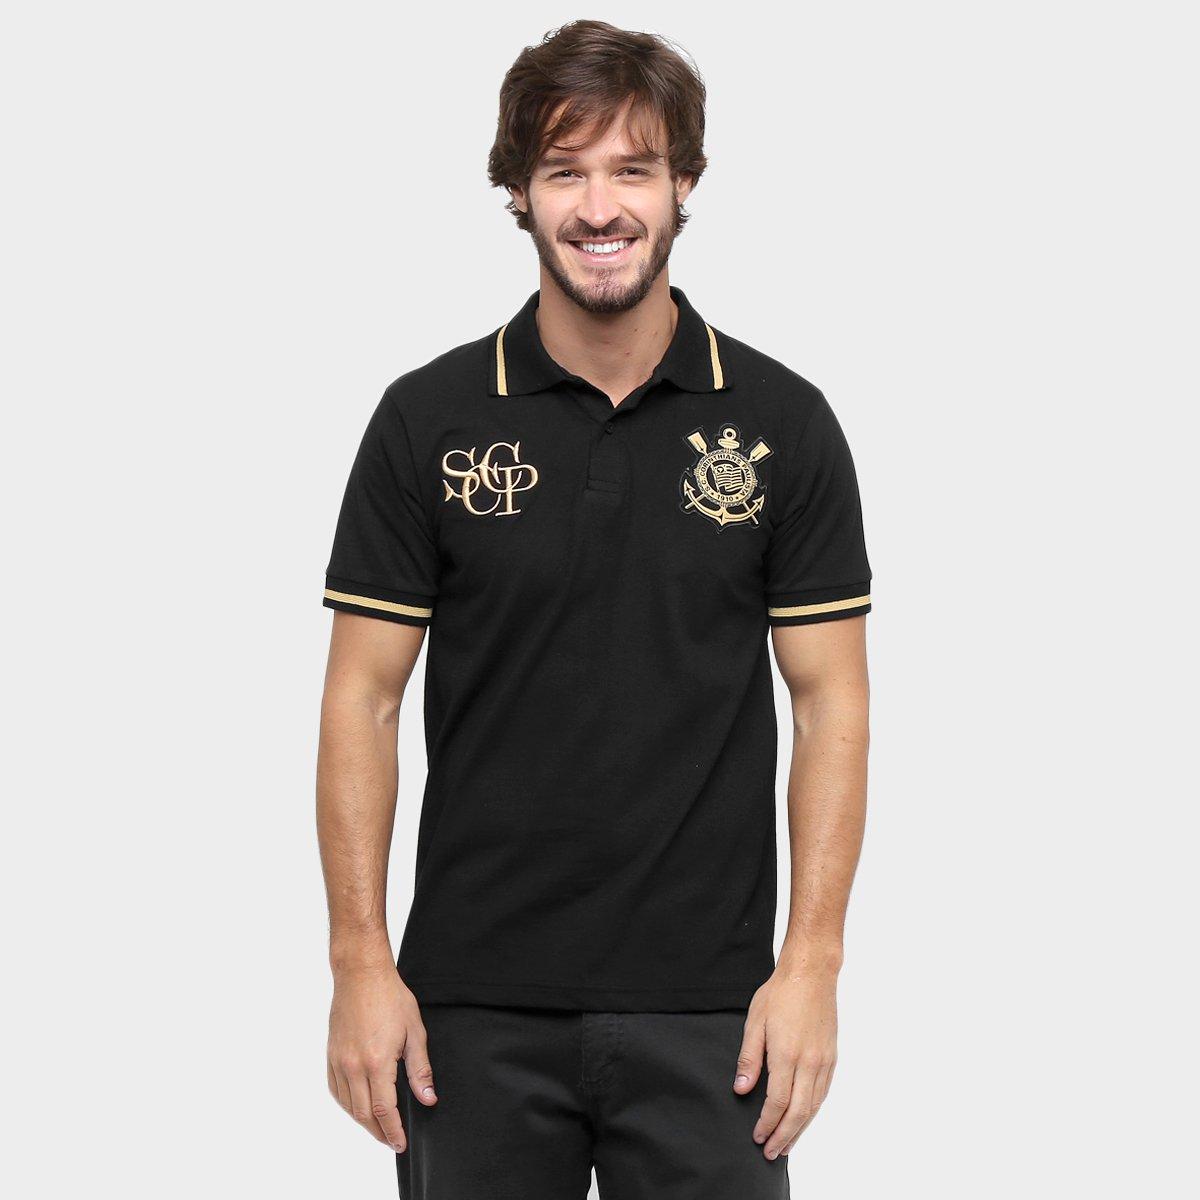 21c9c252458a7 Camisa Polo Corinthians Ouro Masculina - Compre Agora